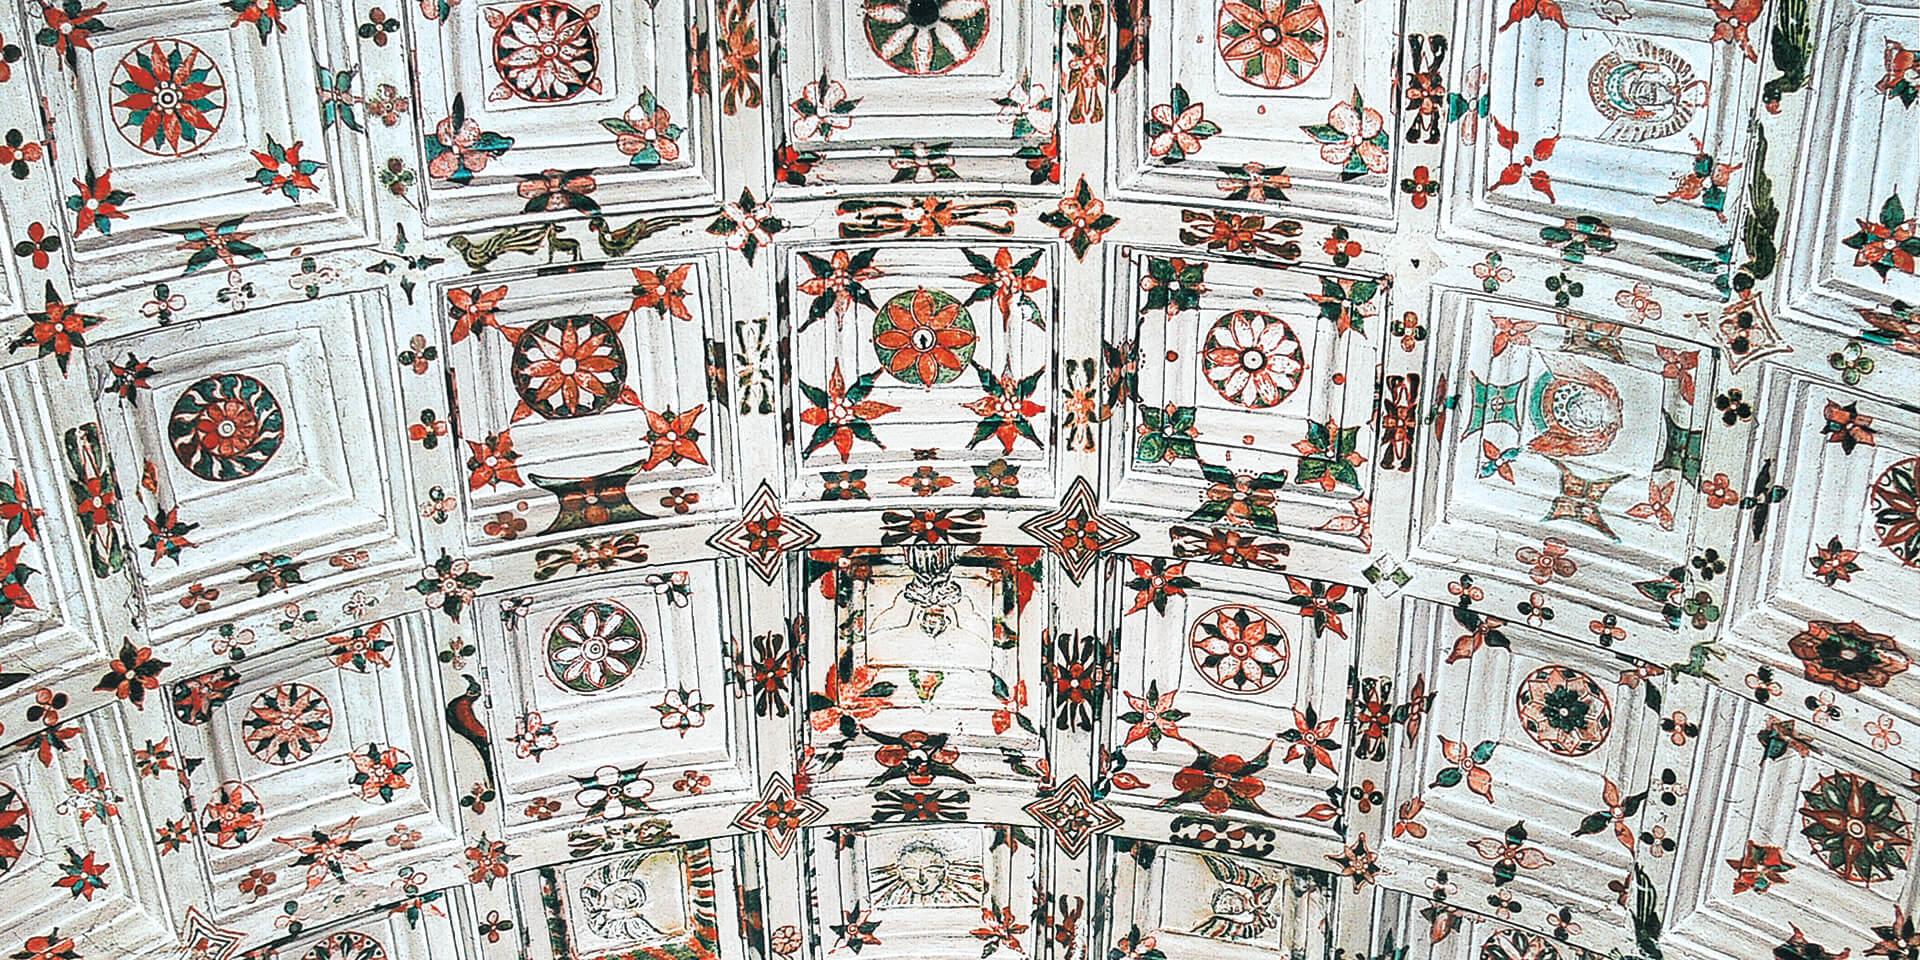 Deckenmalerei in der Marienkirche in Kottayam